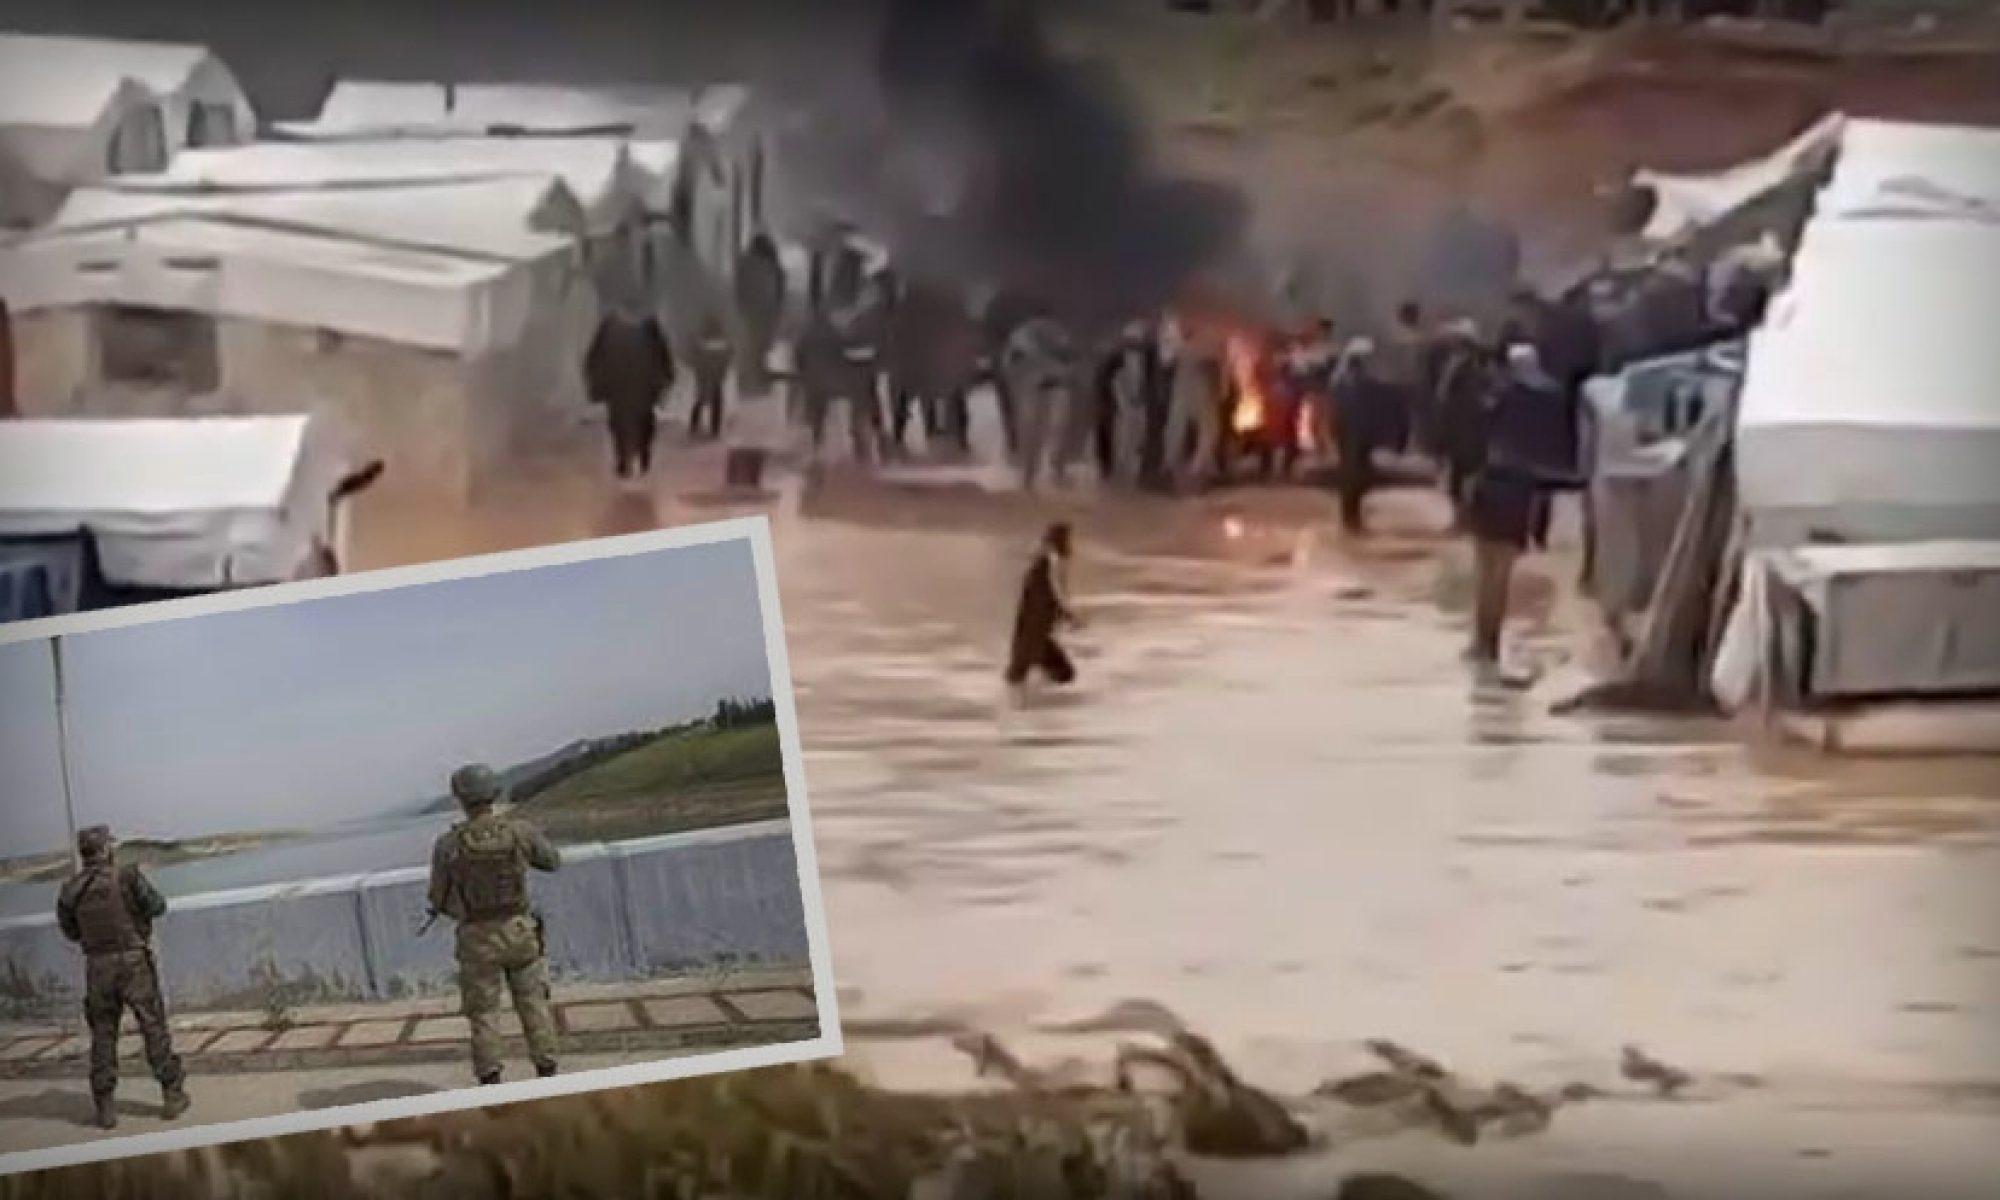 Türkiye Efrîn'de Meydanke barajı kapaklarını açtı, mülteci kamplarını sular bastı – Video izle